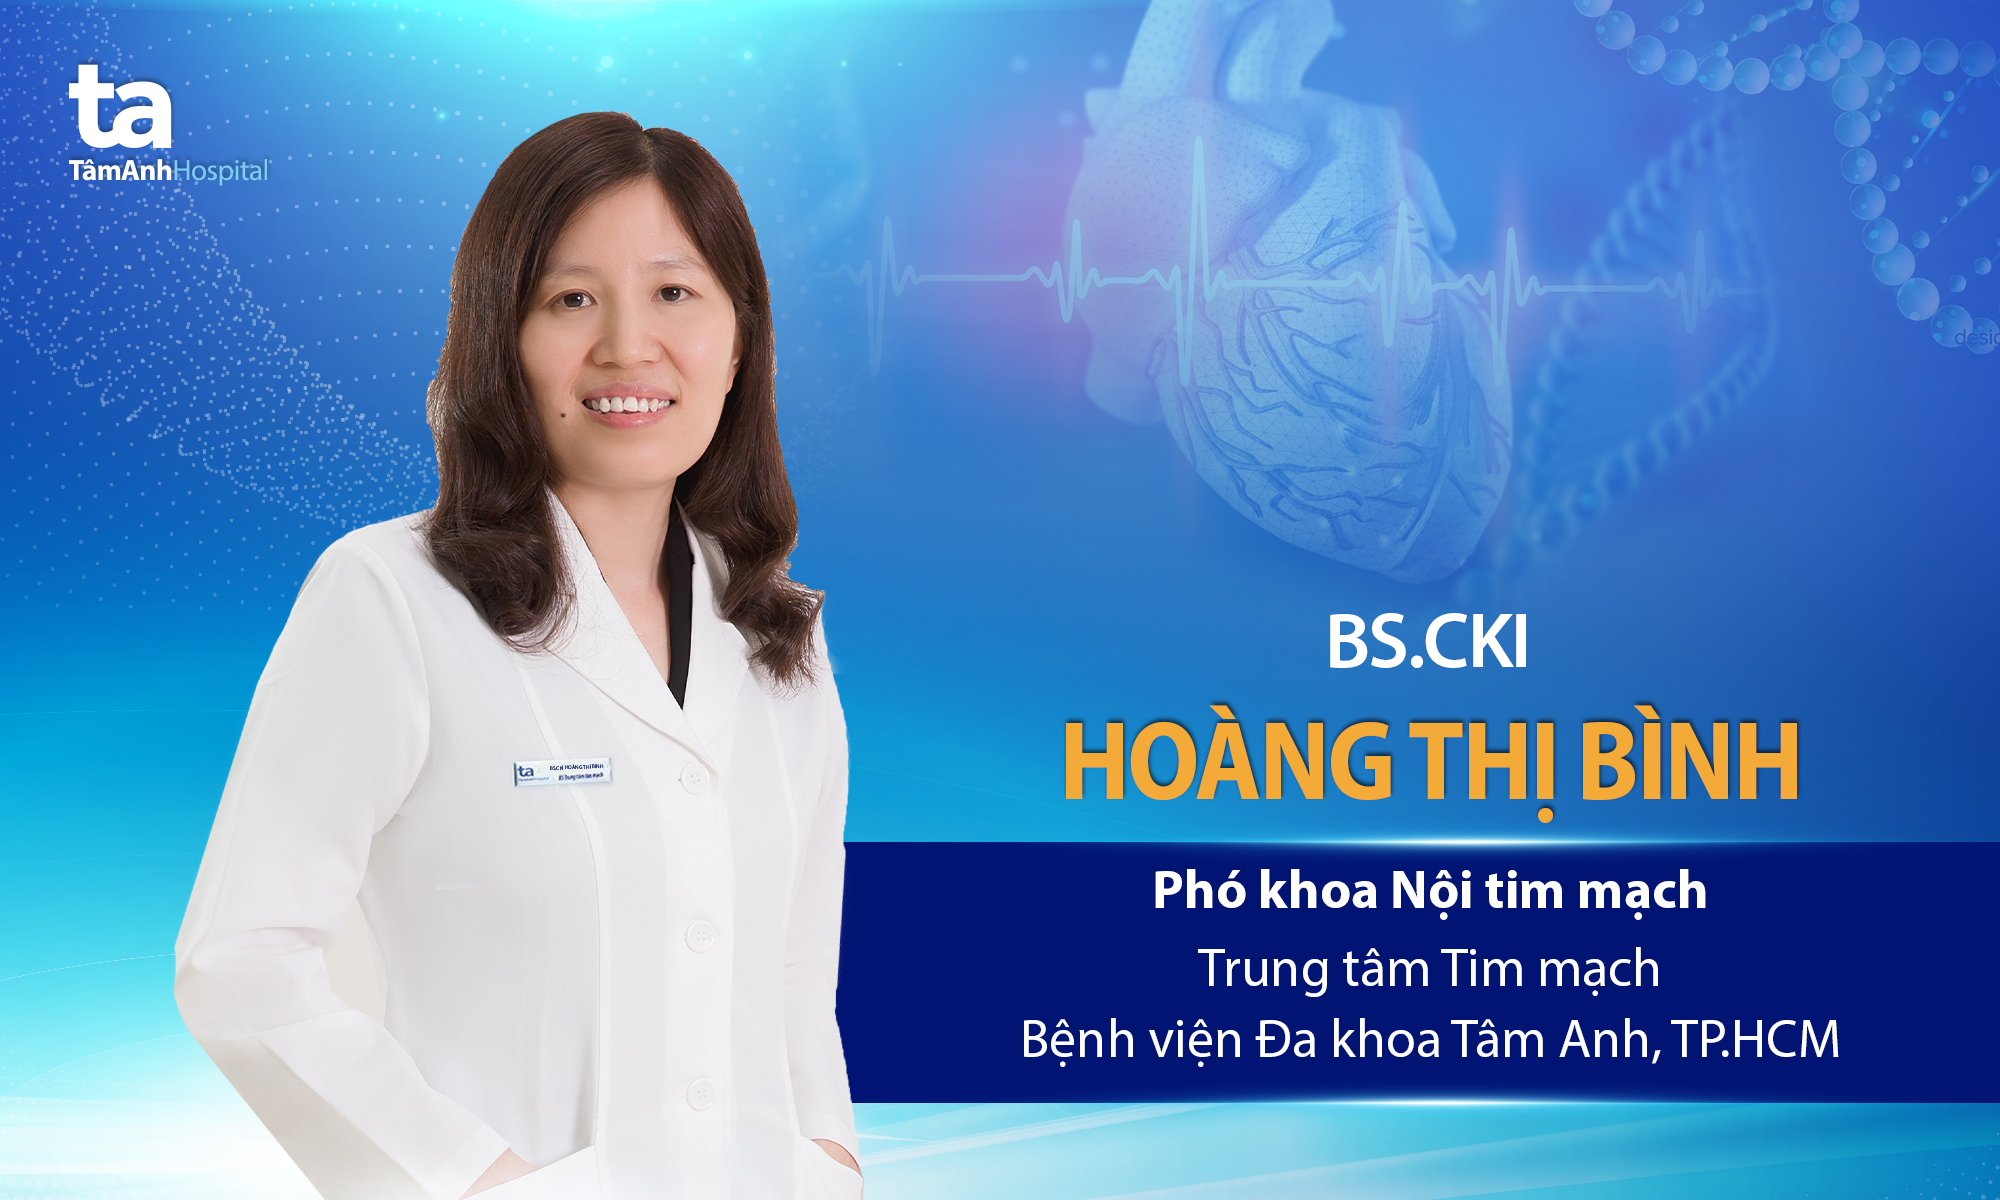 BS.CKI Hoàng Thị Bình